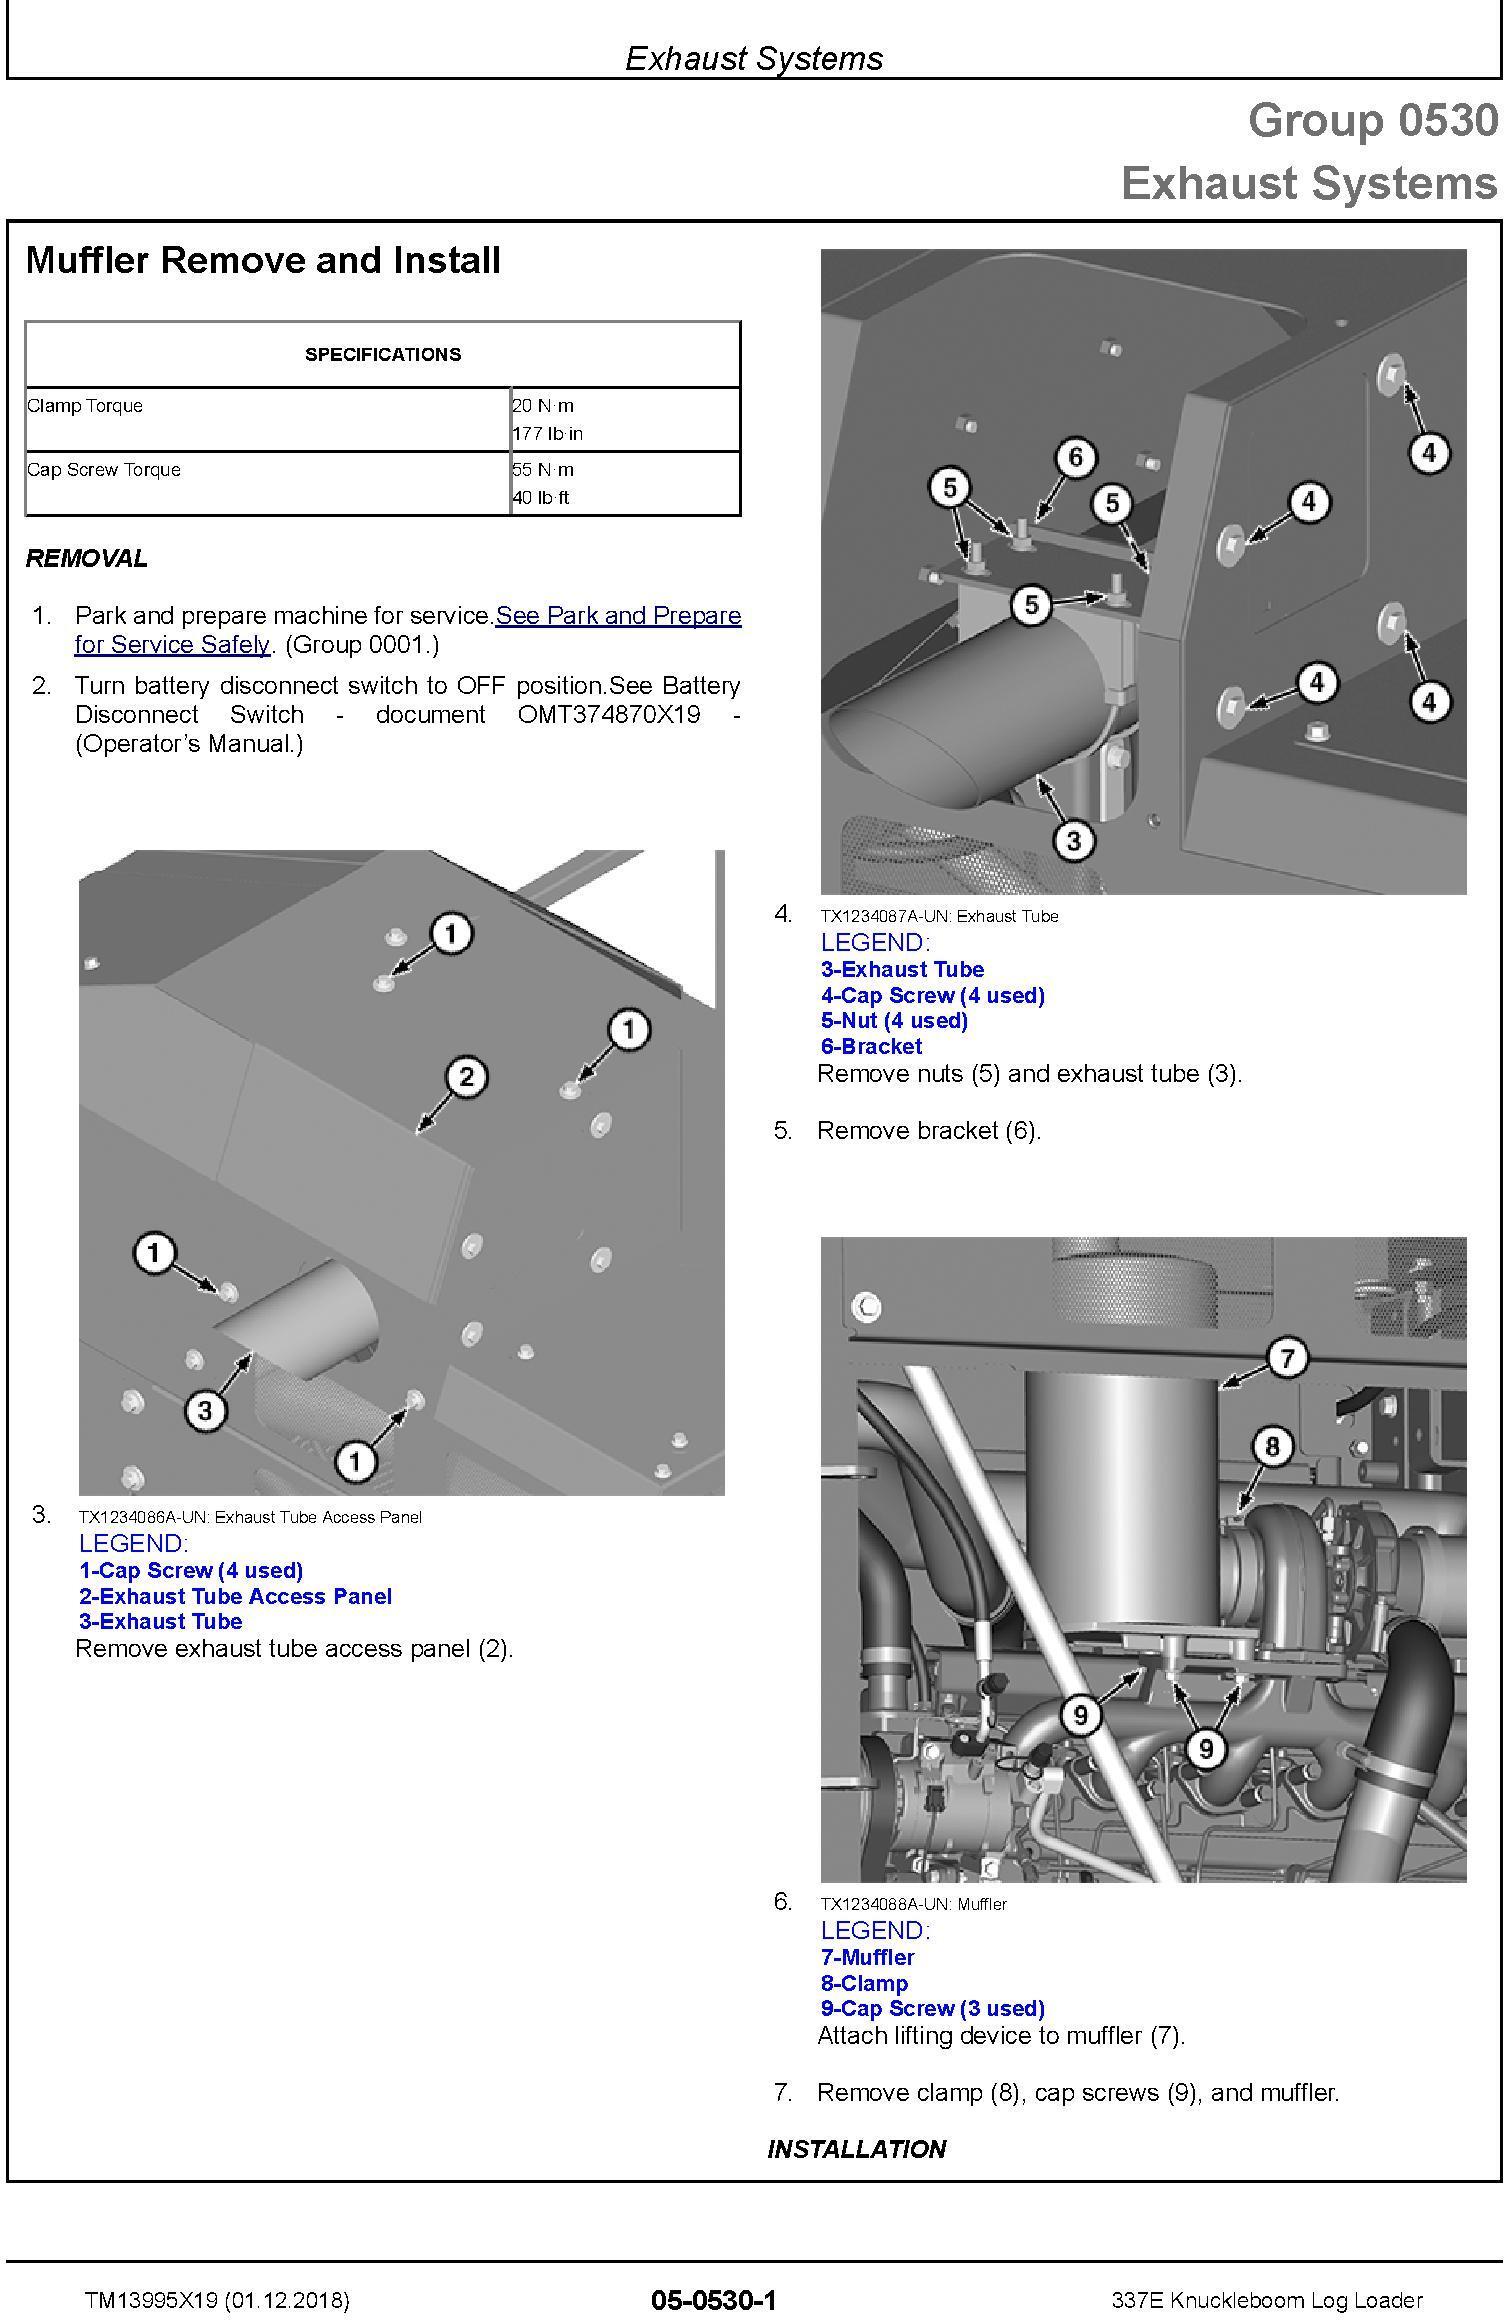 John Deere 337E (SN. C306736-) Knuckleboom Log Loader Repair Manual (TM13995X19) - 2